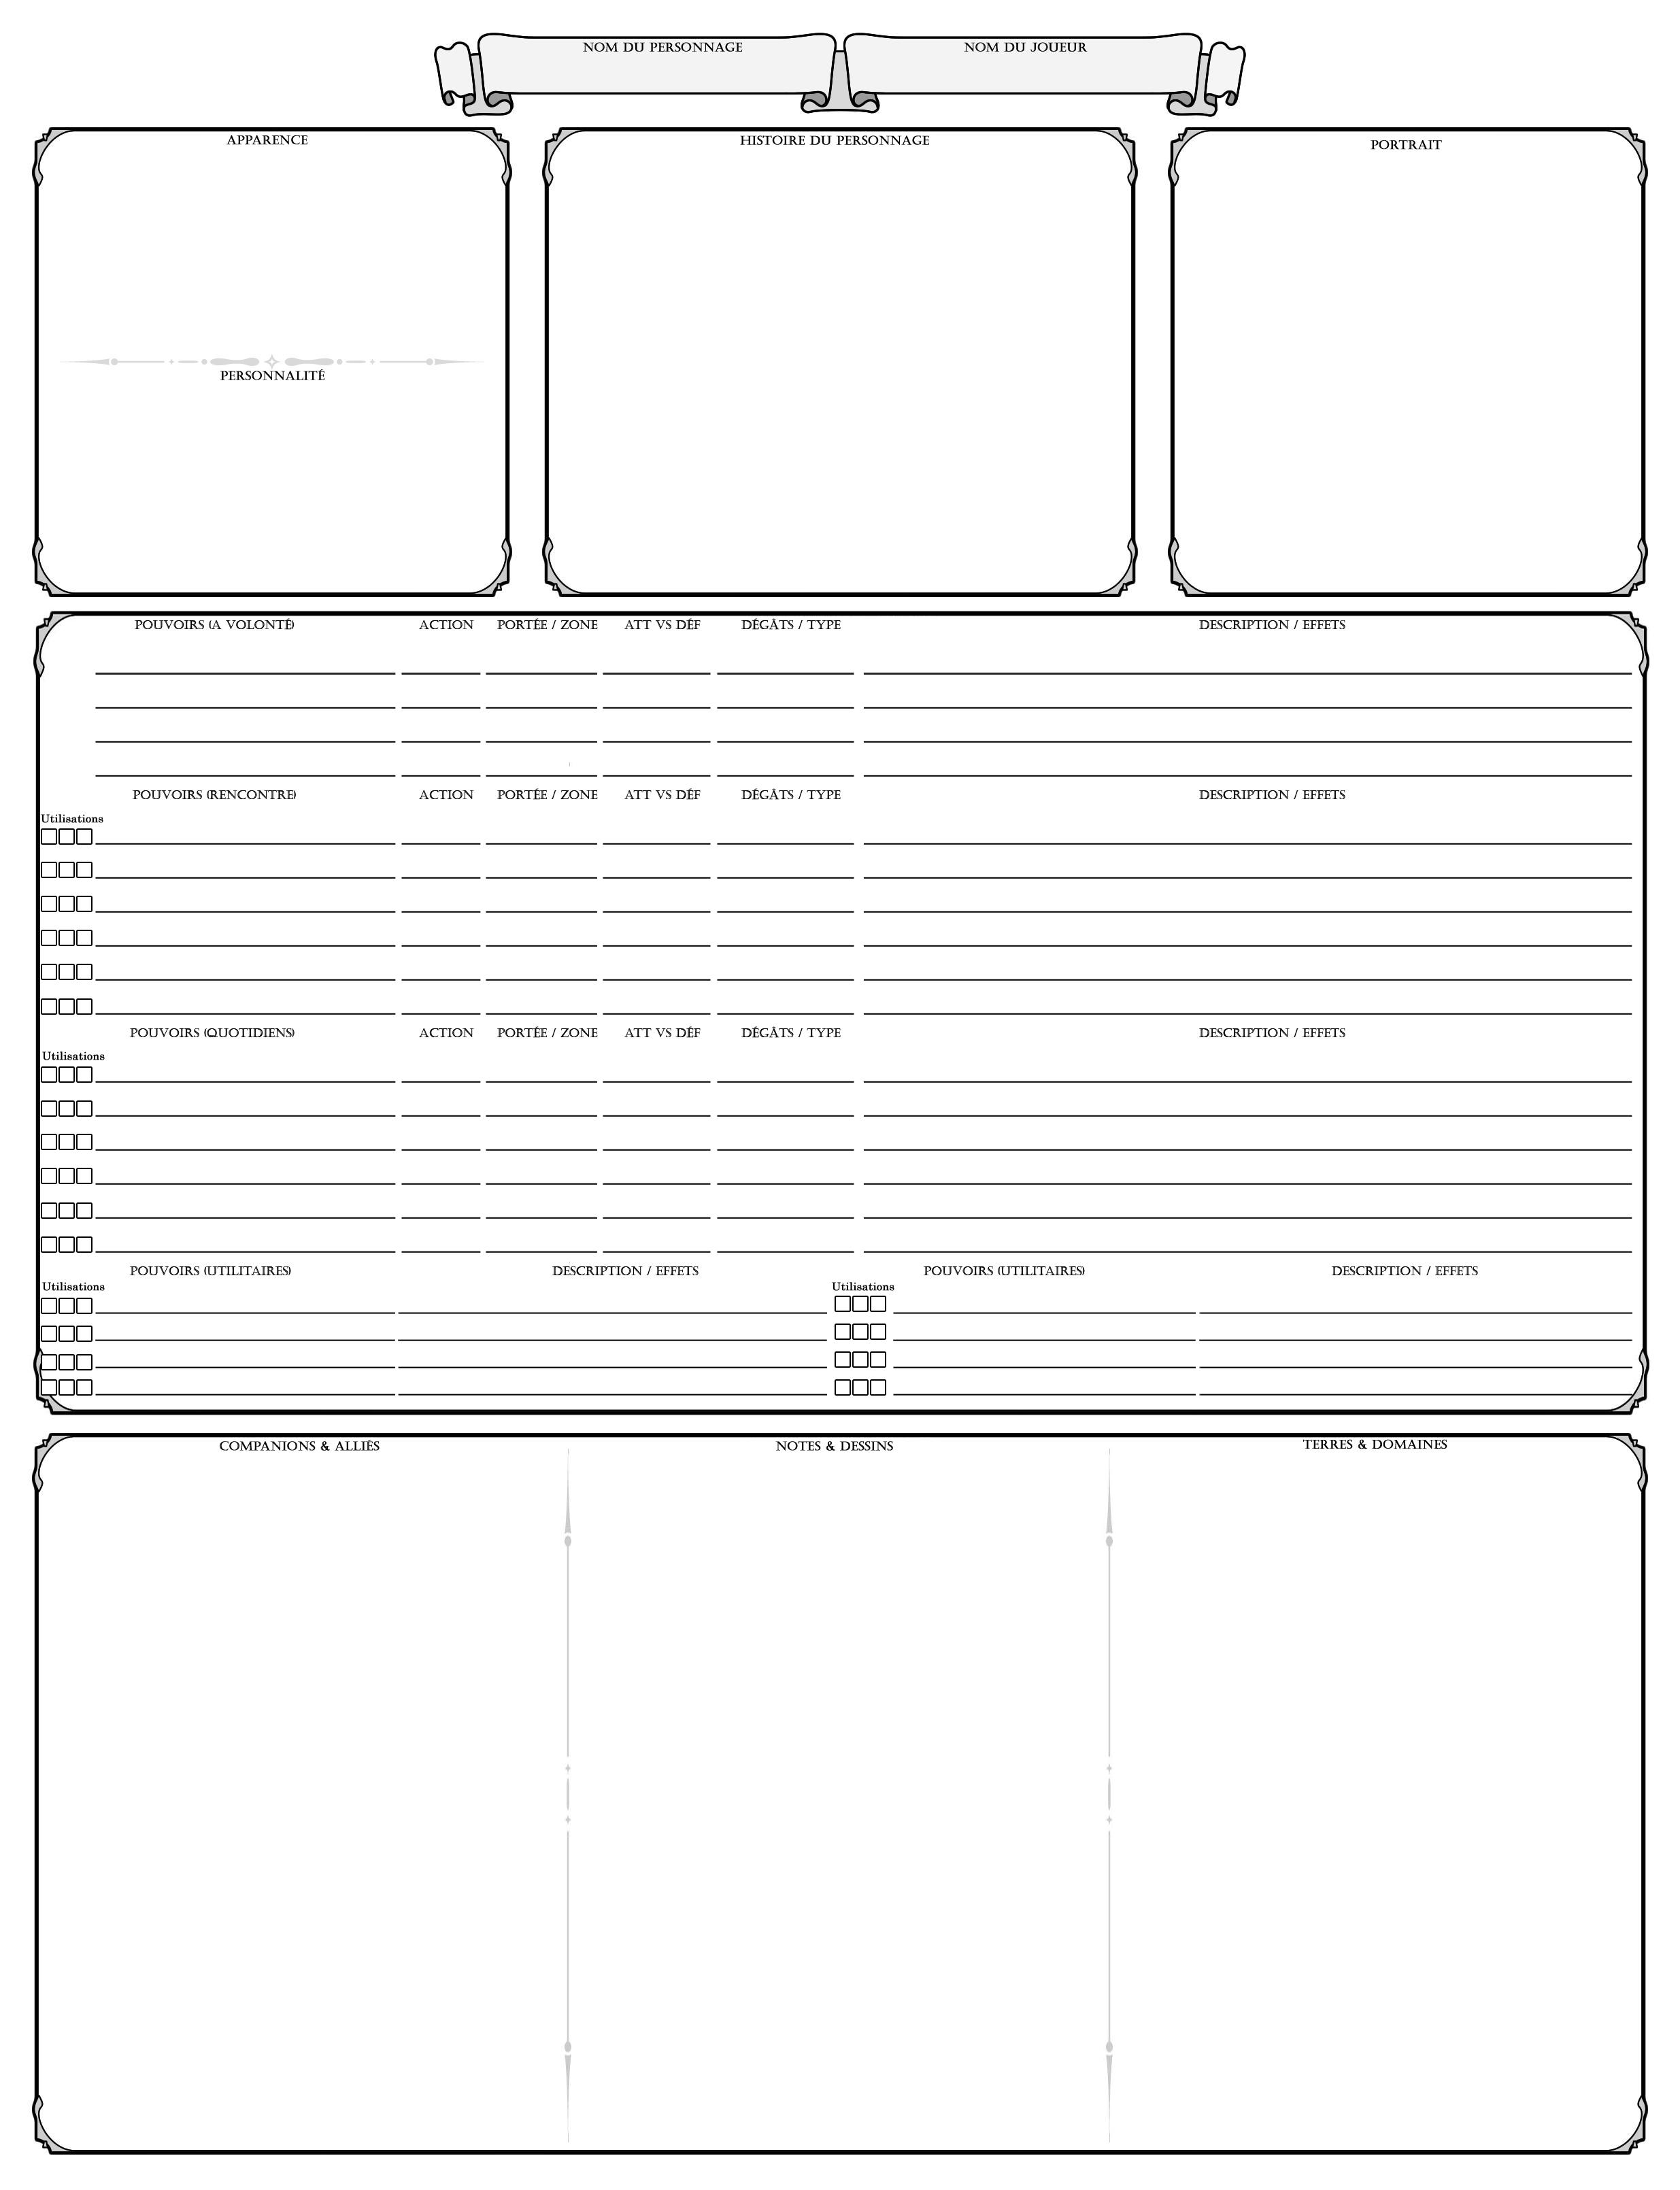 D&D4 Character Sheet P2.jpg